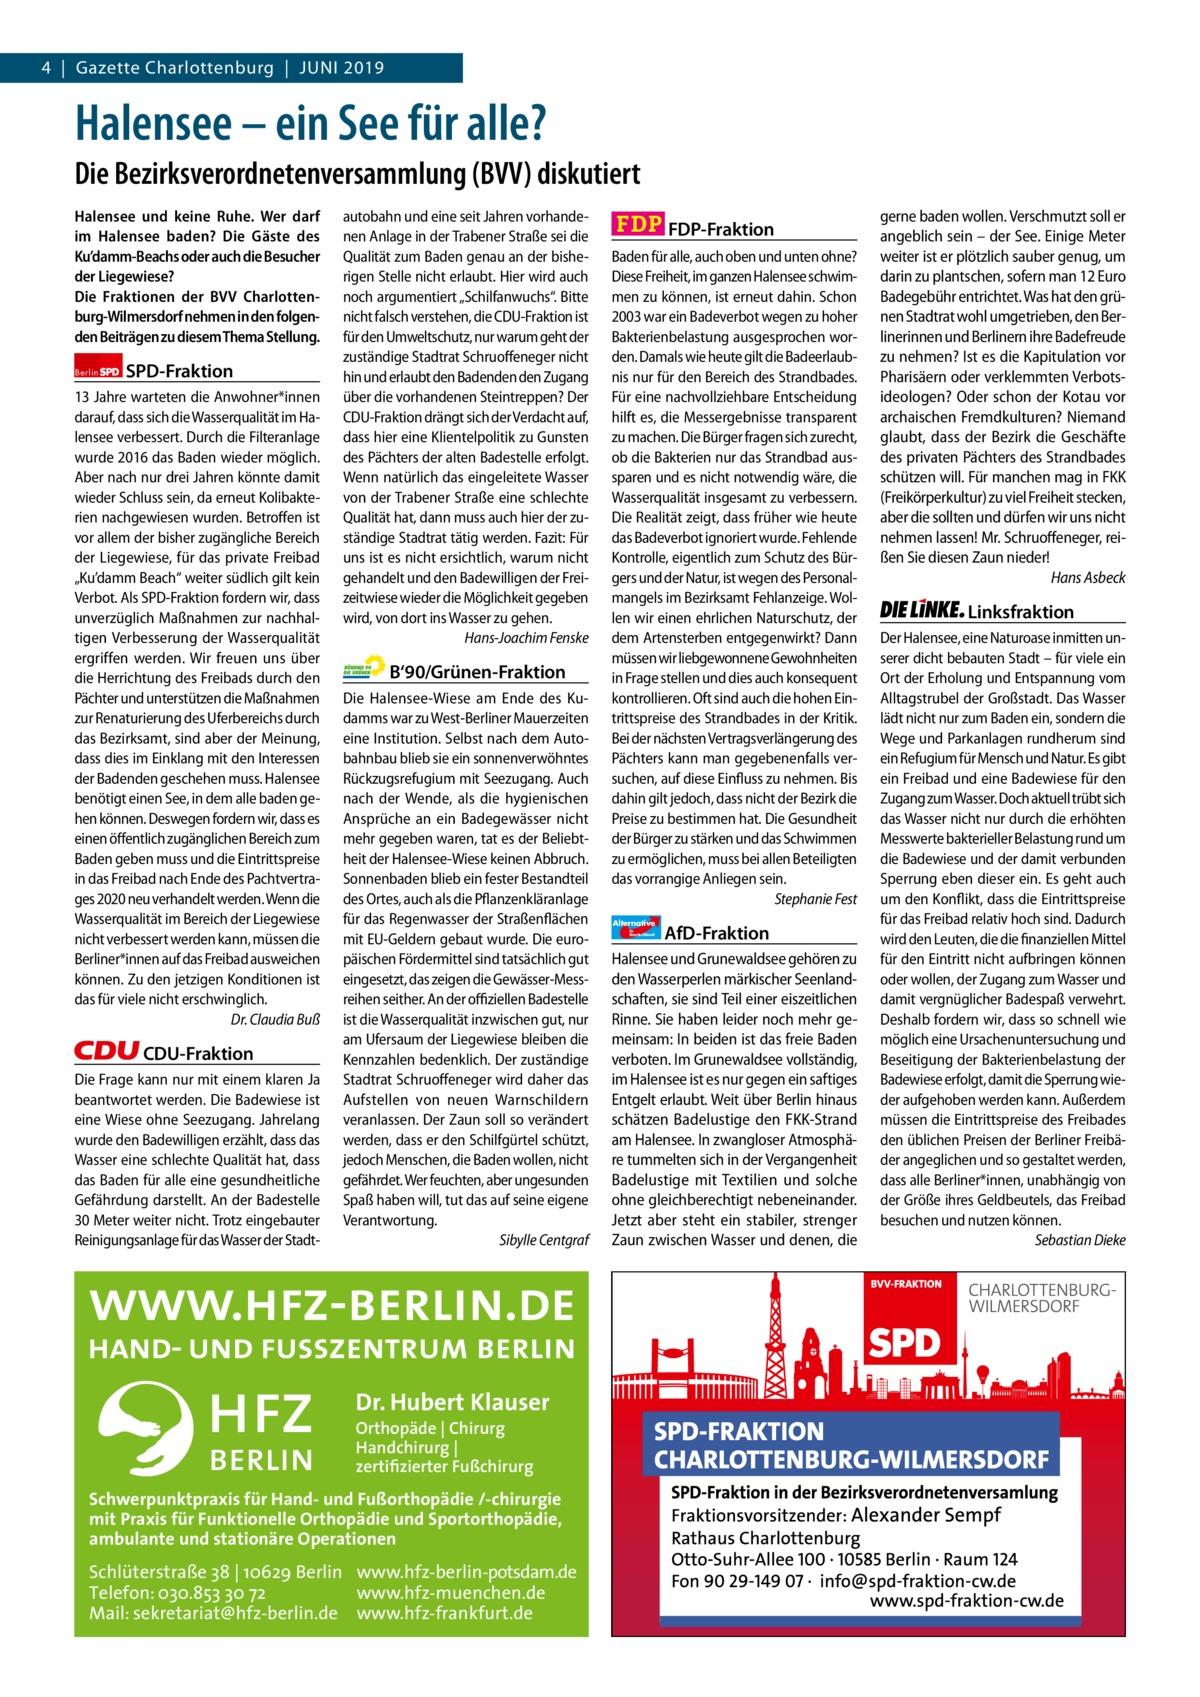 """4 Gazette Gazette Charlottenburg Charlottenburg Juni & Wilmersdorf 2019  www.gazette-berlin.de  Halensee – ein See für alle? Die Bezirksverordnetenversammlung (BVV) diskutiert Halensee und keine Ruhe. Wer darf im Halensee baden? Die Gäste des Ku'damm-Beachs oder auch die Besucher der Liegewiese? Die Fraktionen der BVV Charlottenburg-Wilmersdorf nehmen in den folgenden Beiträgen zu diesem Thema Stellung. Berlin  SPD-Fraktion  13Jahre warteten die Anwohner*innen darauf, dass sich die Wasserqualität im Halensee verbessert. Durch die Filteranlage wurde 2016 das Baden wieder möglich. Aber nach nur drei Jahren könnte damit wieder Schluss sein, da erneut Kolibakterien nachgewiesen wurden. Betroffen ist vor allem der bisher zugängliche Bereich der Liegewiese, für das private Freibad """"Ku'damm Beach"""" weiter südlich gilt kein Verbot. Als SPD-Fraktion fordern wir, dass unverzüglich Maßnahmen zur nachhaltigen Verbesserung der Wasserqualität ergriffen werden. Wir freuen uns über die Herrichtung des Freibads durch den Pächter und unterstützen die Maßnahmen zur Renaturierung des Uferbereichs durch das Bezirksamt, sind aber der Meinung, dass dies im Einklang mit den Interessen der Badenden geschehen muss. Halensee benötigt einen See, in dem alle baden gehen können. Deswegen fordern wir, dass es einen öffentlich zugänglichen Bereich zum Baden geben muss und die Eintrittspreise in das Freibad nach Ende des Pachtvertrages 2020 neu verhandelt werden. Wenn die Wasserqualität im Bereich der Liegewiese nicht verbessert werden kann, müssen die Berliner*innen auf das Freibad ausweichen können. Zu den jetzigen Konditionen ist das für viele nicht erschwinglich. Dr.Claudia Buß  CDU-Fraktion Die Frage kann nur mit einem klaren Ja beantwortet werden. Die Badewiese ist eine Wiese ohne Seezugang. Jahrelang wurde den Badewilligen erzählt, dass das Wasser eine schlechte Qualität hat, dass das Baden für alle eine gesundheitliche Gefährdung darstellt. An der Badestelle 30Meter weiter nicht. Trotz einge"""